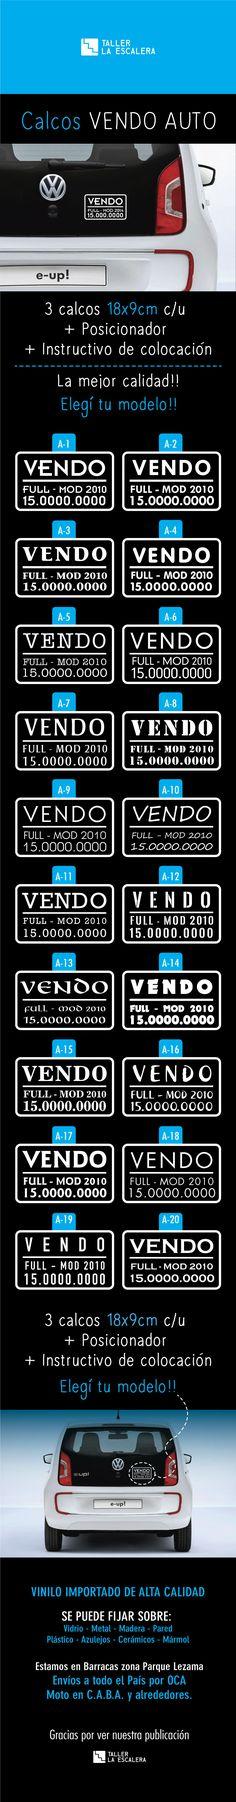 Cartel Vendo Auto | Calco Vendo Auto 18x9cm Promo X 3 Calcos - $ 50,00